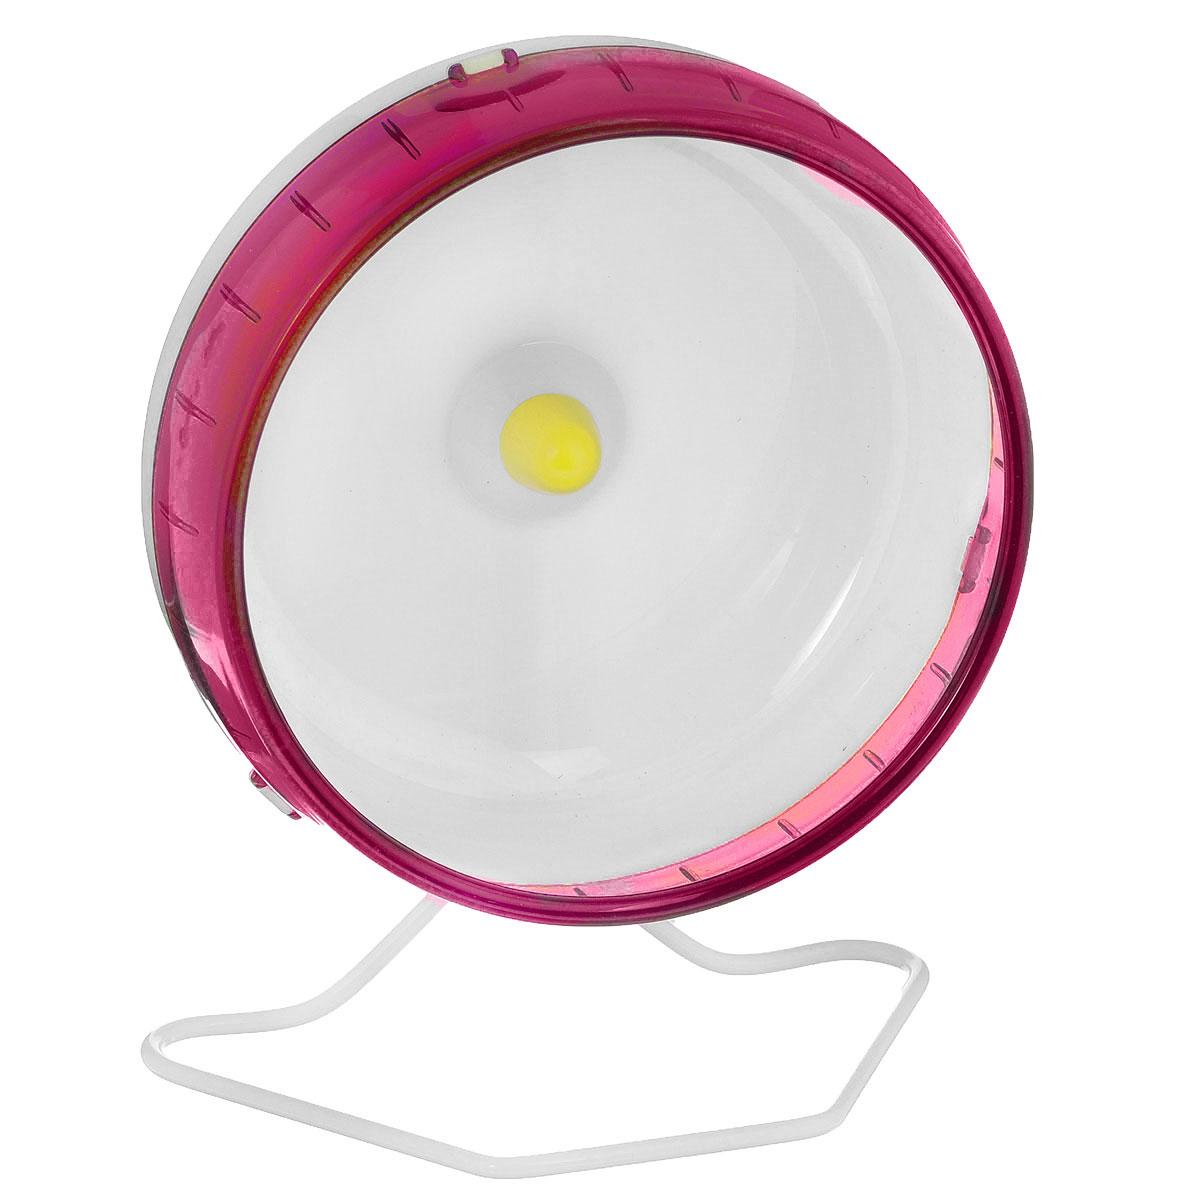 Колесо для грызунов I.P.T.S., цвет: красный, белый, диаметр 16,5 смGLG045Колесо для грызунов I.P.T.S., изготовленное из прочного пластика, абсолютно бесшумное. Для грызунов очень важно постоянно разминать свои лапки и поддерживать физической форму. Именно поэтому одним из самых востребованных дополнительных аксессуаров для них являются различные приспособления для бега. Тренировки на колесе станут питомцу в радость и не позволят набрать лишний вес. Предназначено для сирийских и карликовых хомяков, а также мышей. Диаметр колеса: 16,5 см.